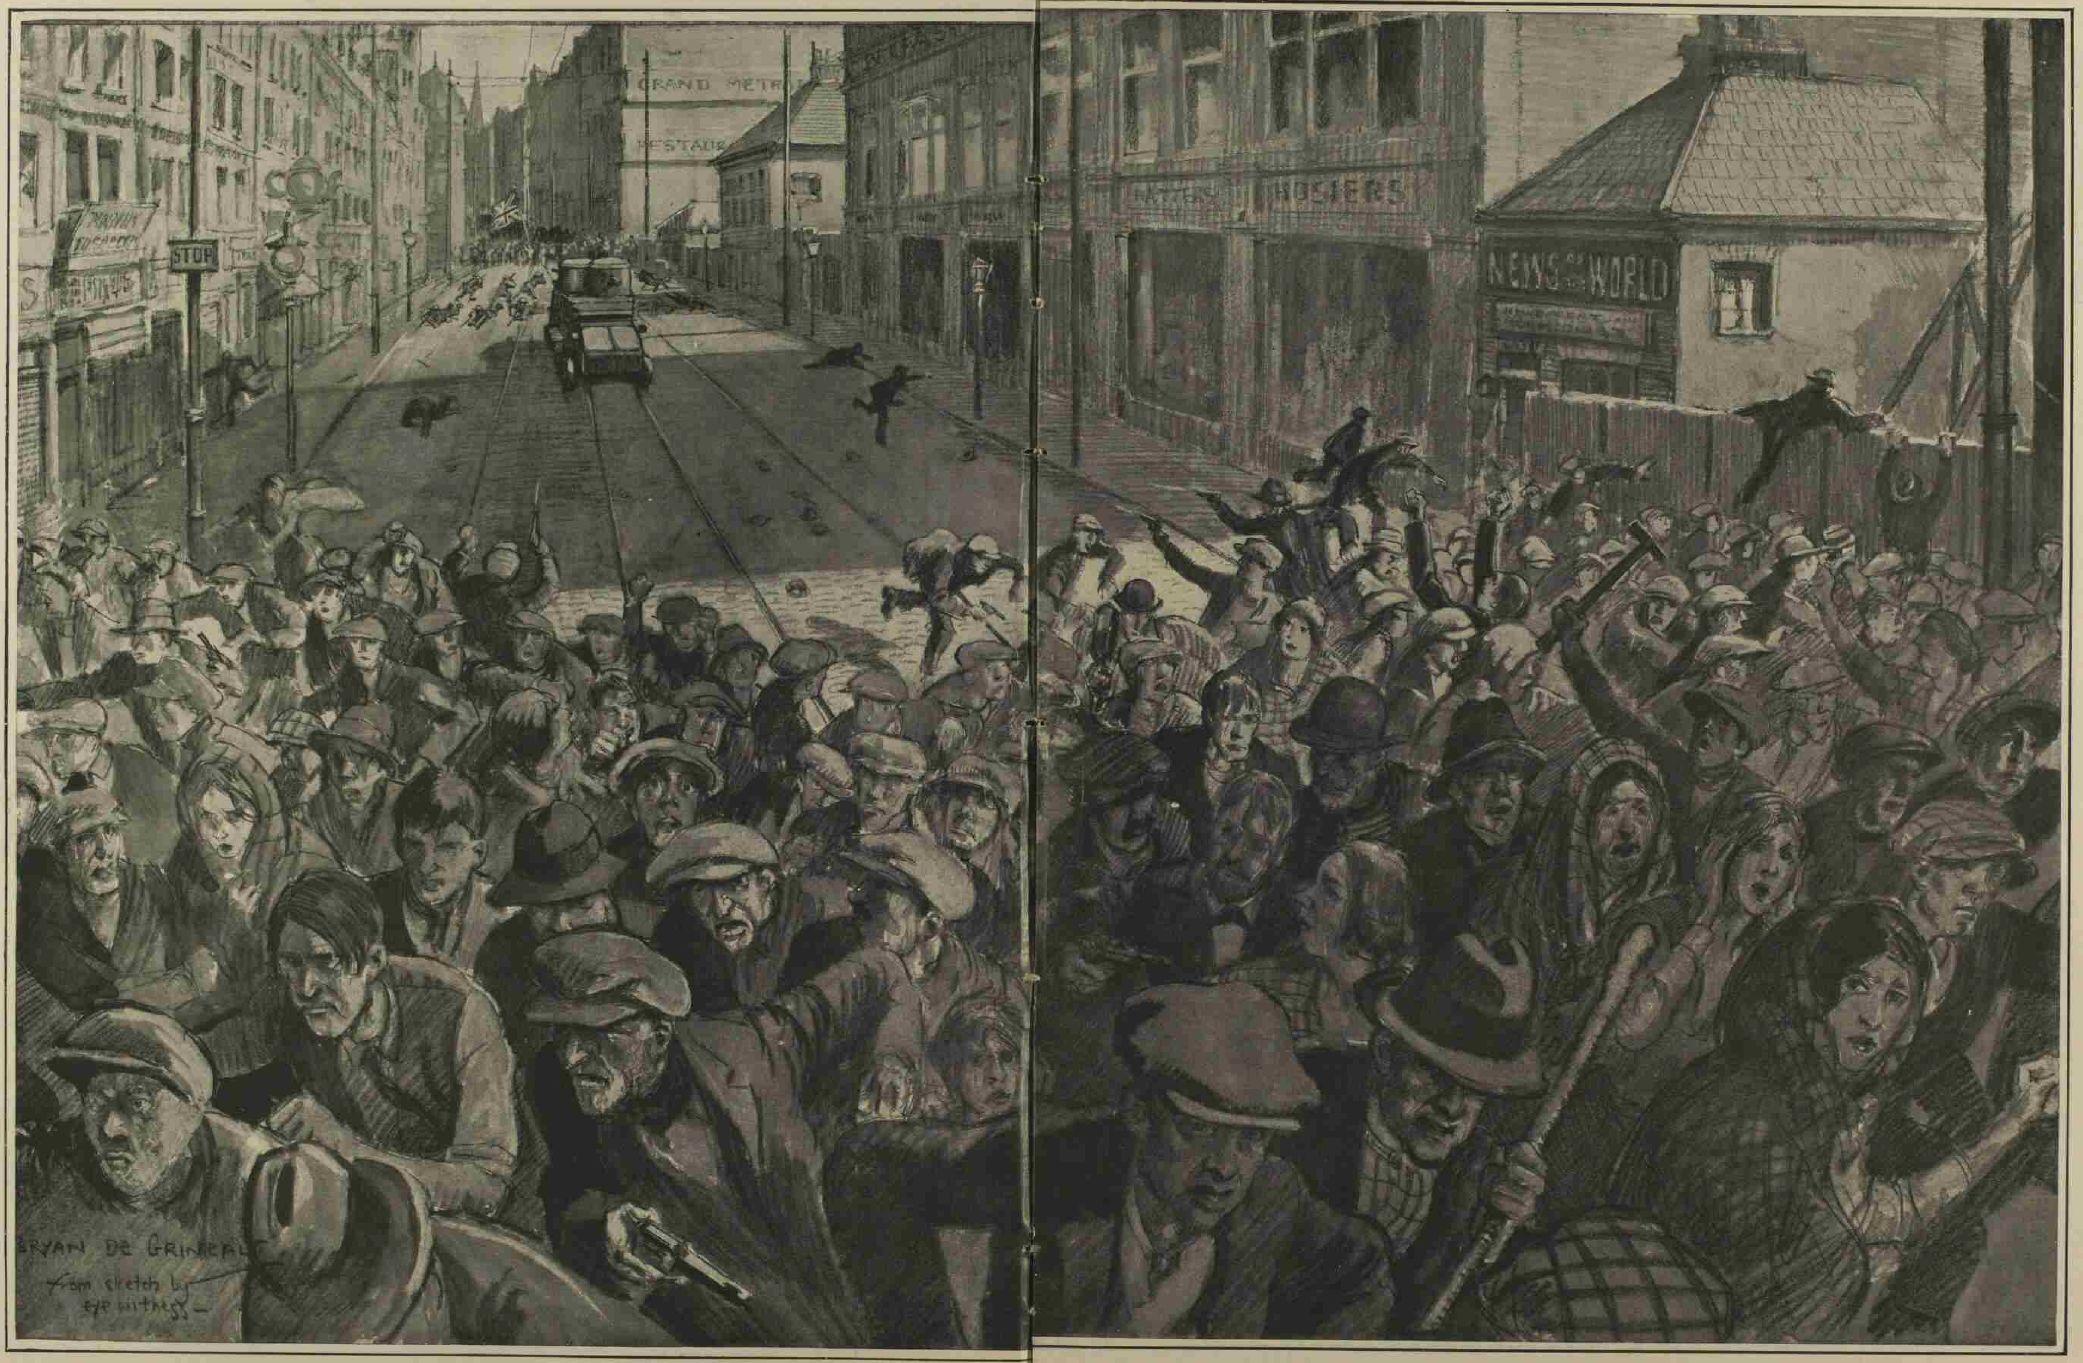 Belfast Street Battle, September 1920 - Illustrated London News